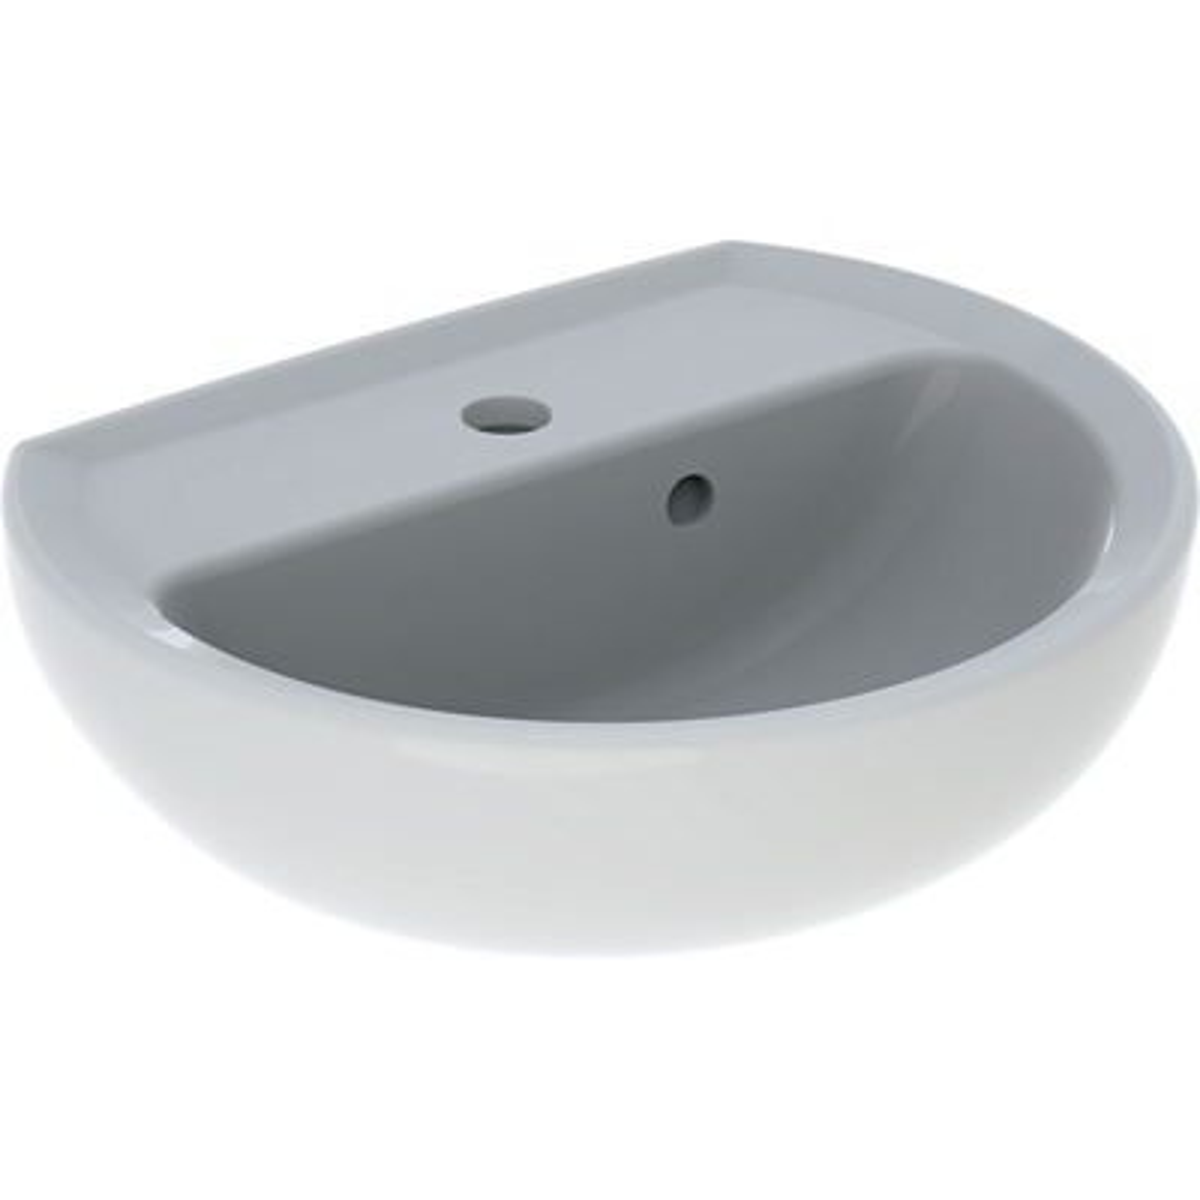 Lave-mains Bastia Geberit